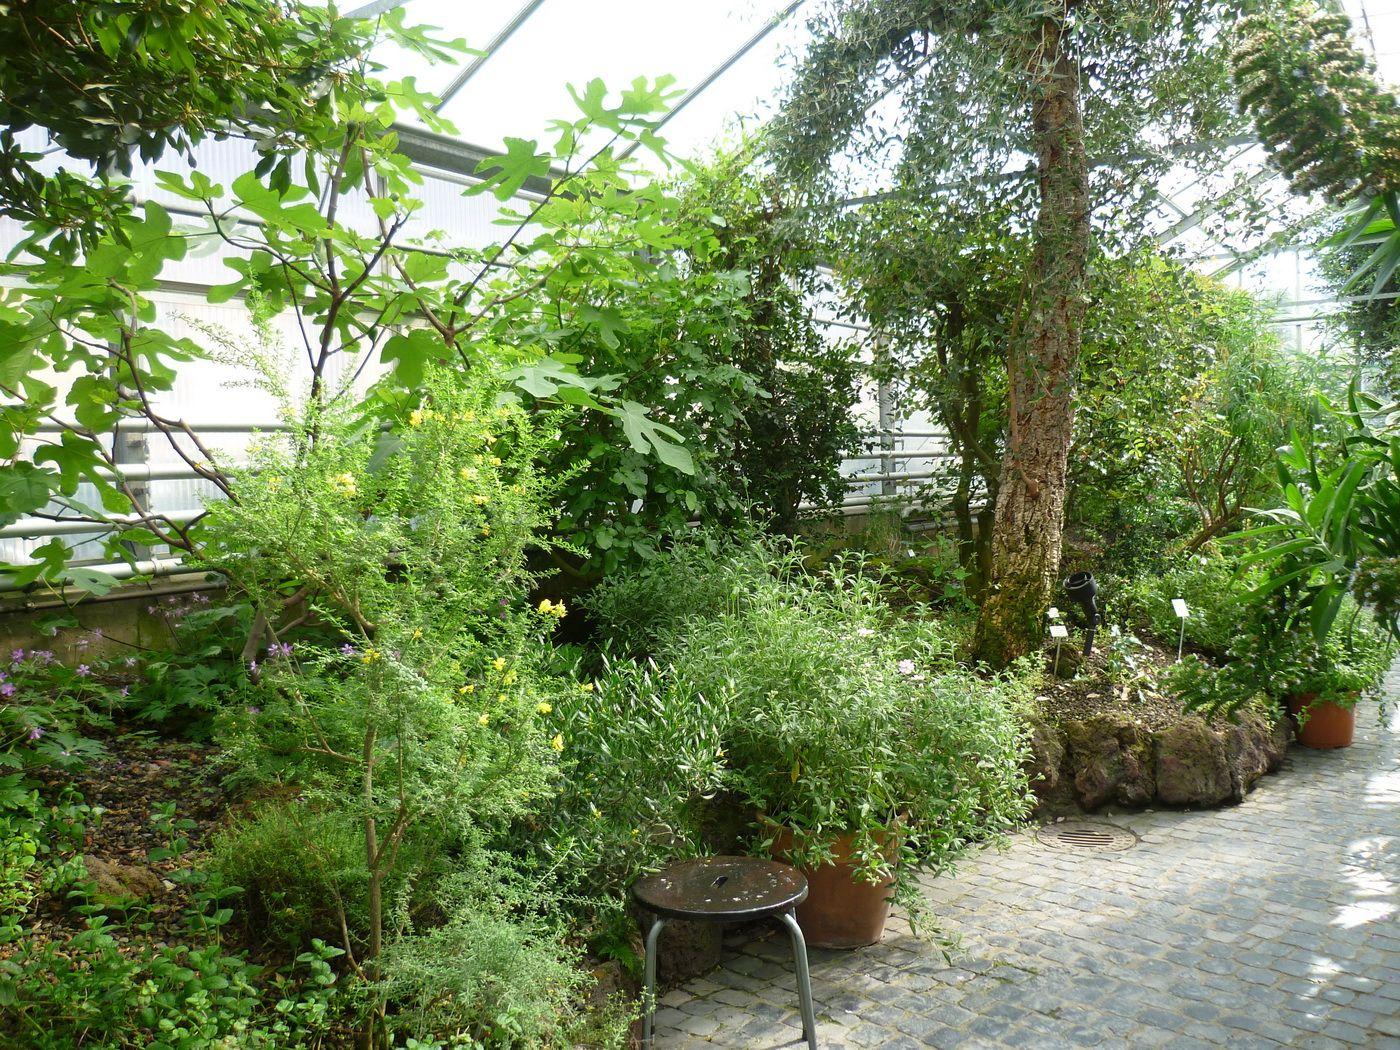 Herrenhauser Garten Hannover Berggarten Garten Hannover Herrenhauser Garten Botanischer Garten